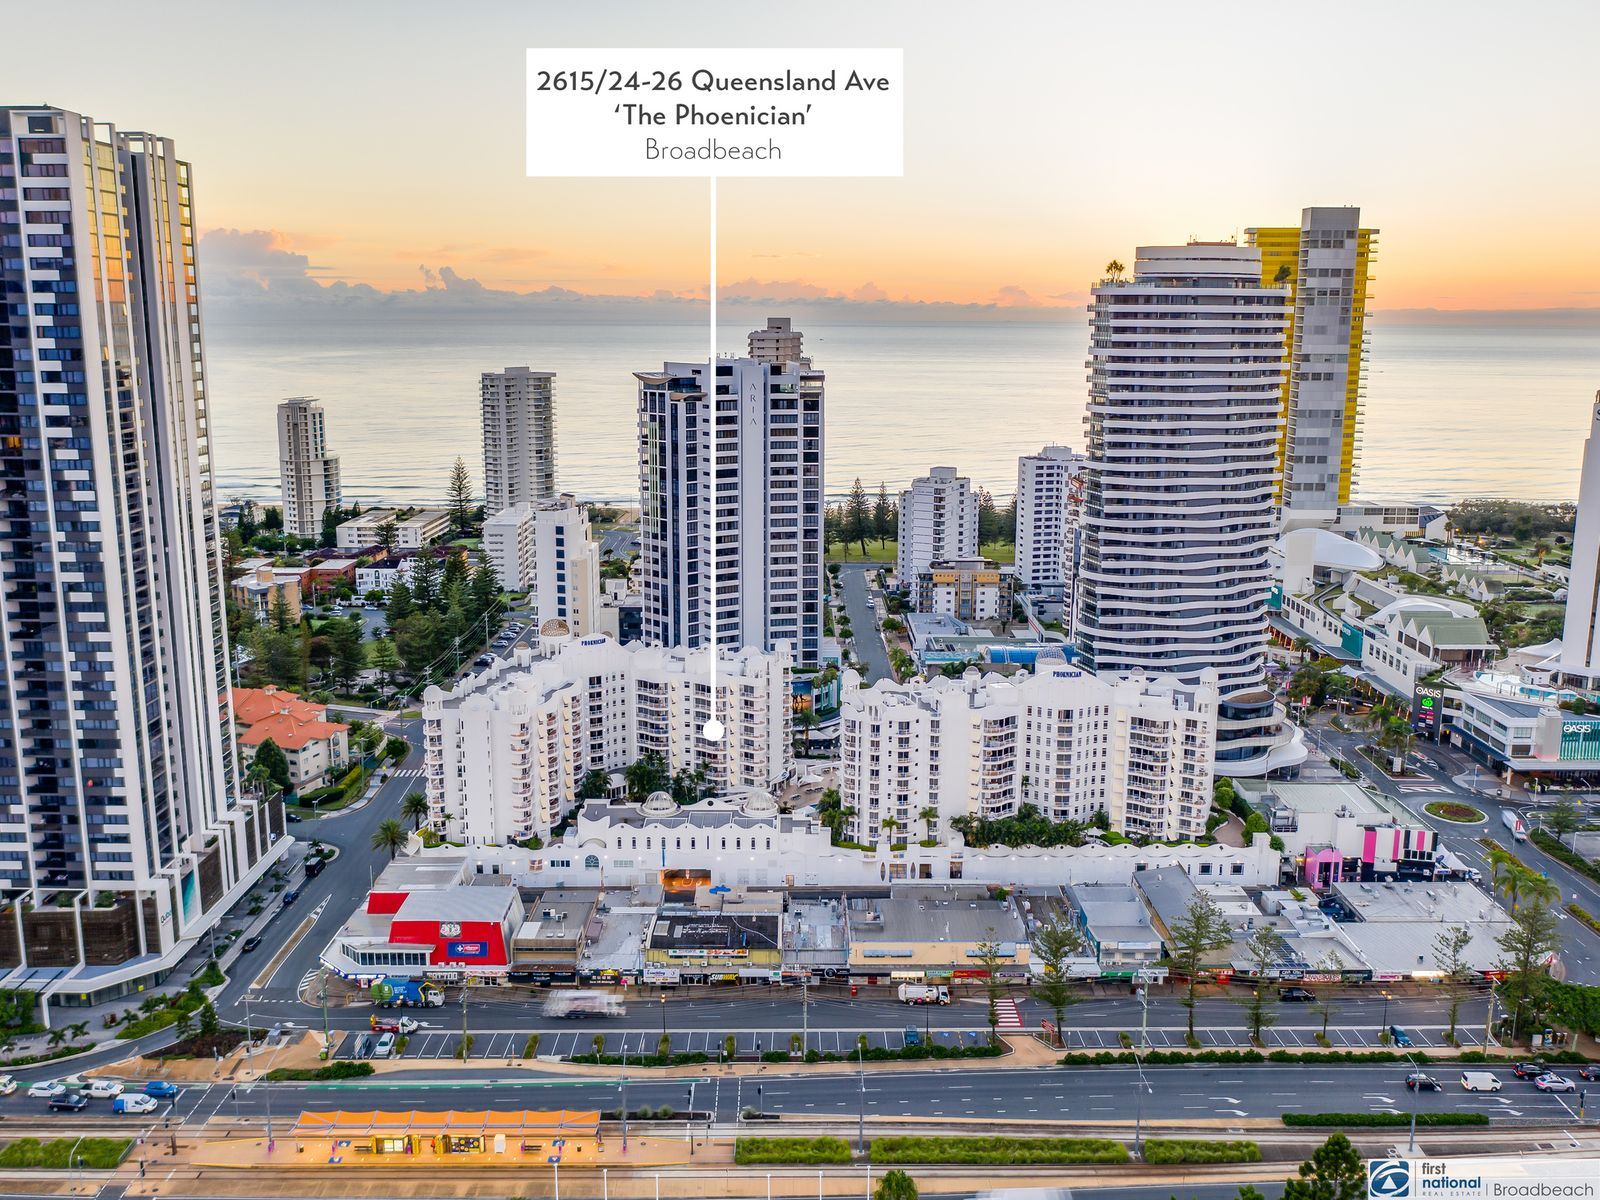 2615/24-26 Queensland Avenue, Broadbeach, QLD 4218